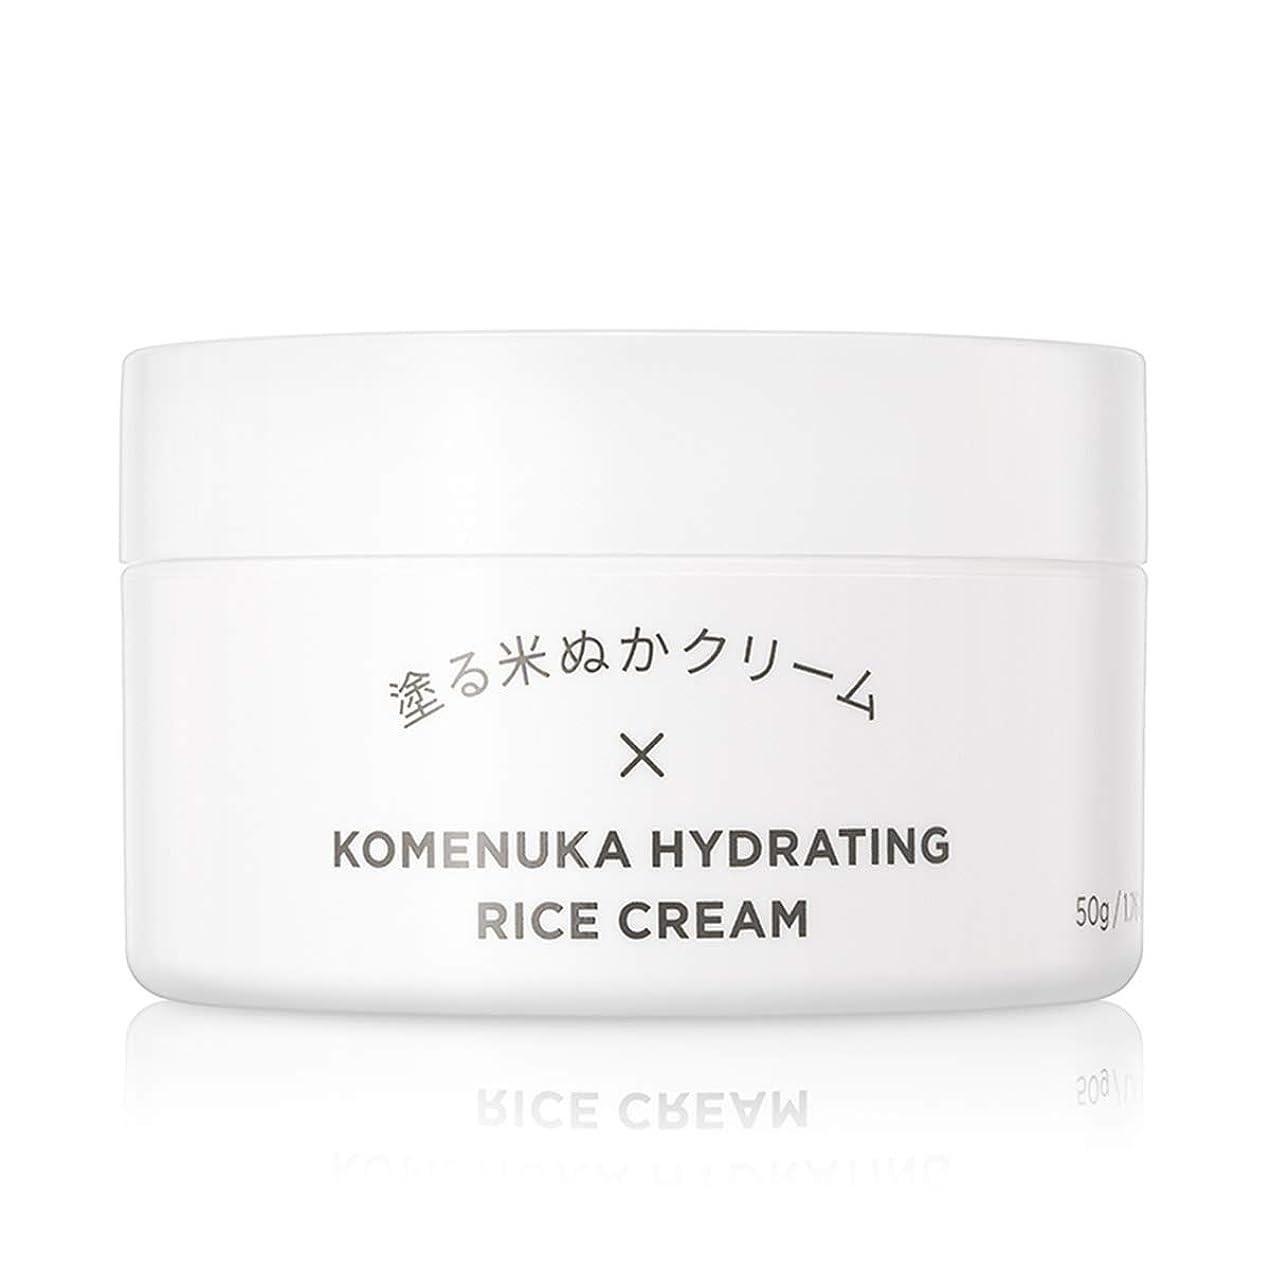 敬意子猫バラエティ米一途 塗る米ぬかクリーム スキンケア 無添加 クリーム 50g